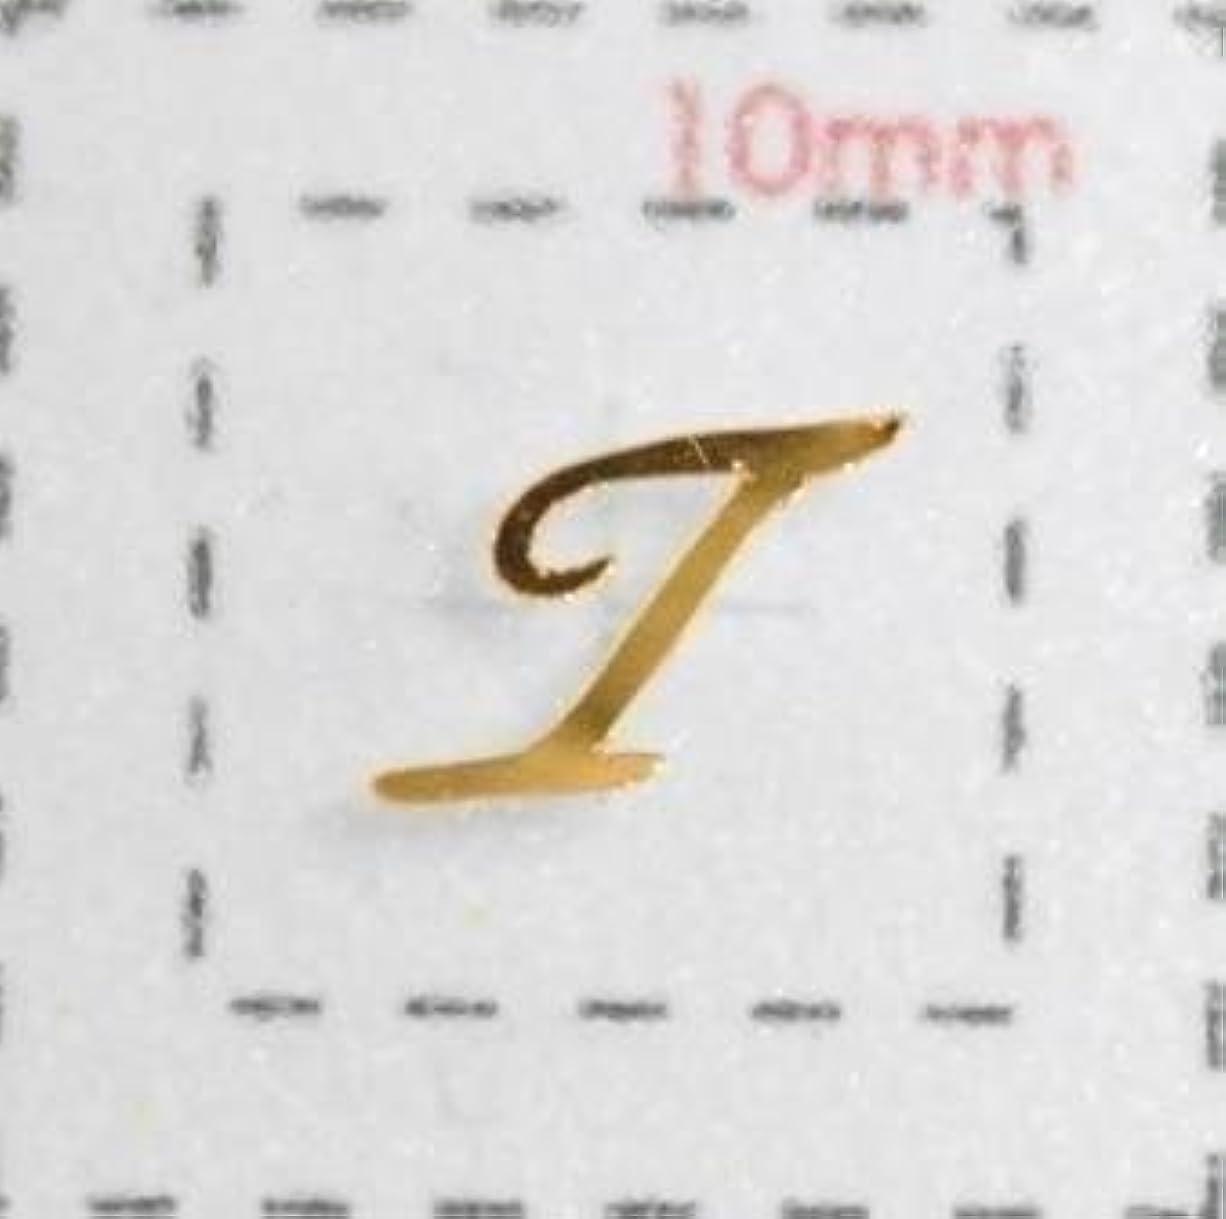 再編成する報復する欲望Nameネイルシール【アルファベット?イニシャル】大文字ゴールド( T )1シート9枚入